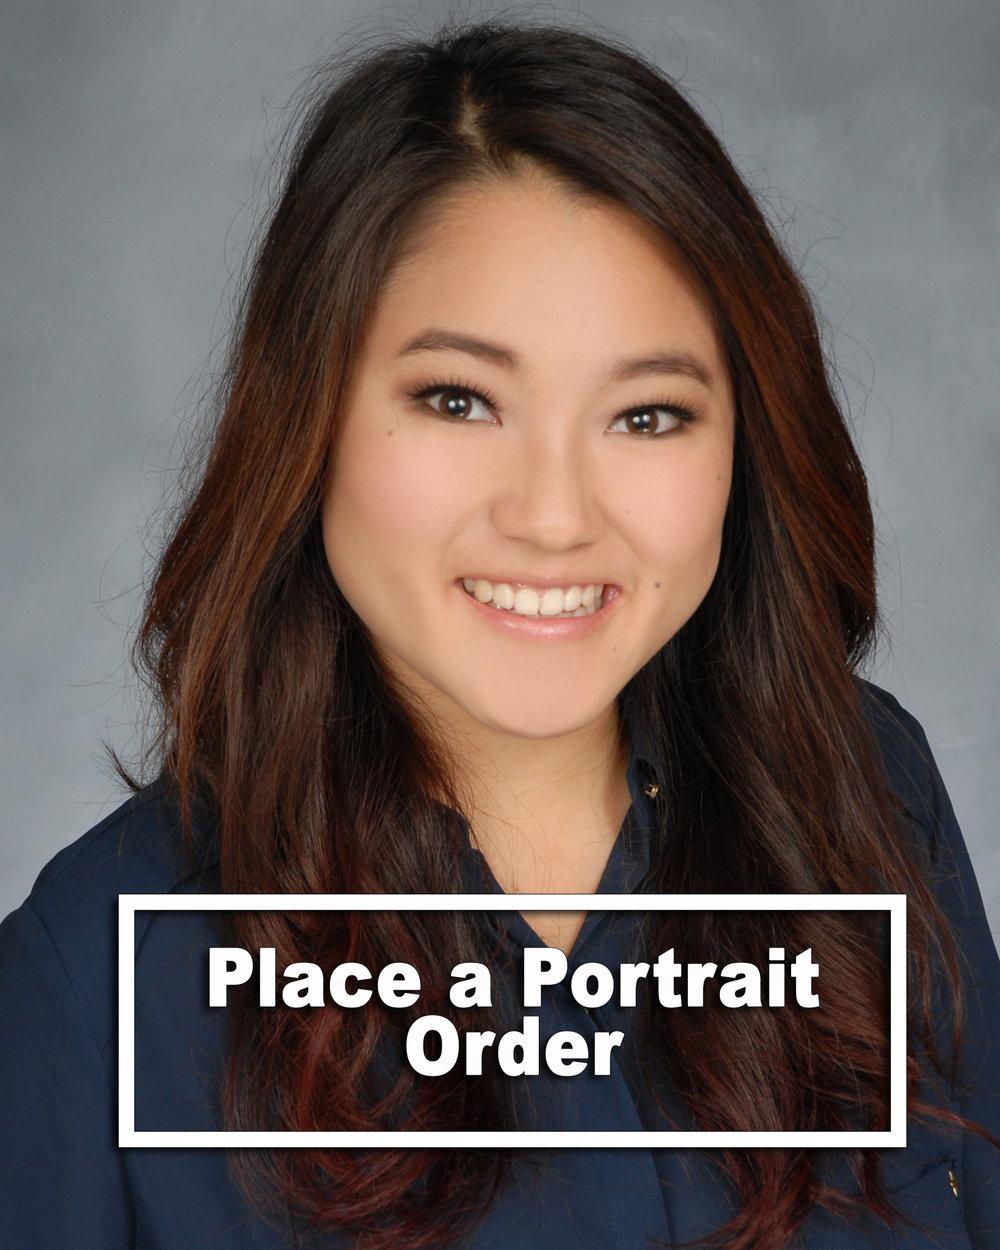 Place Portrait Order.jpg